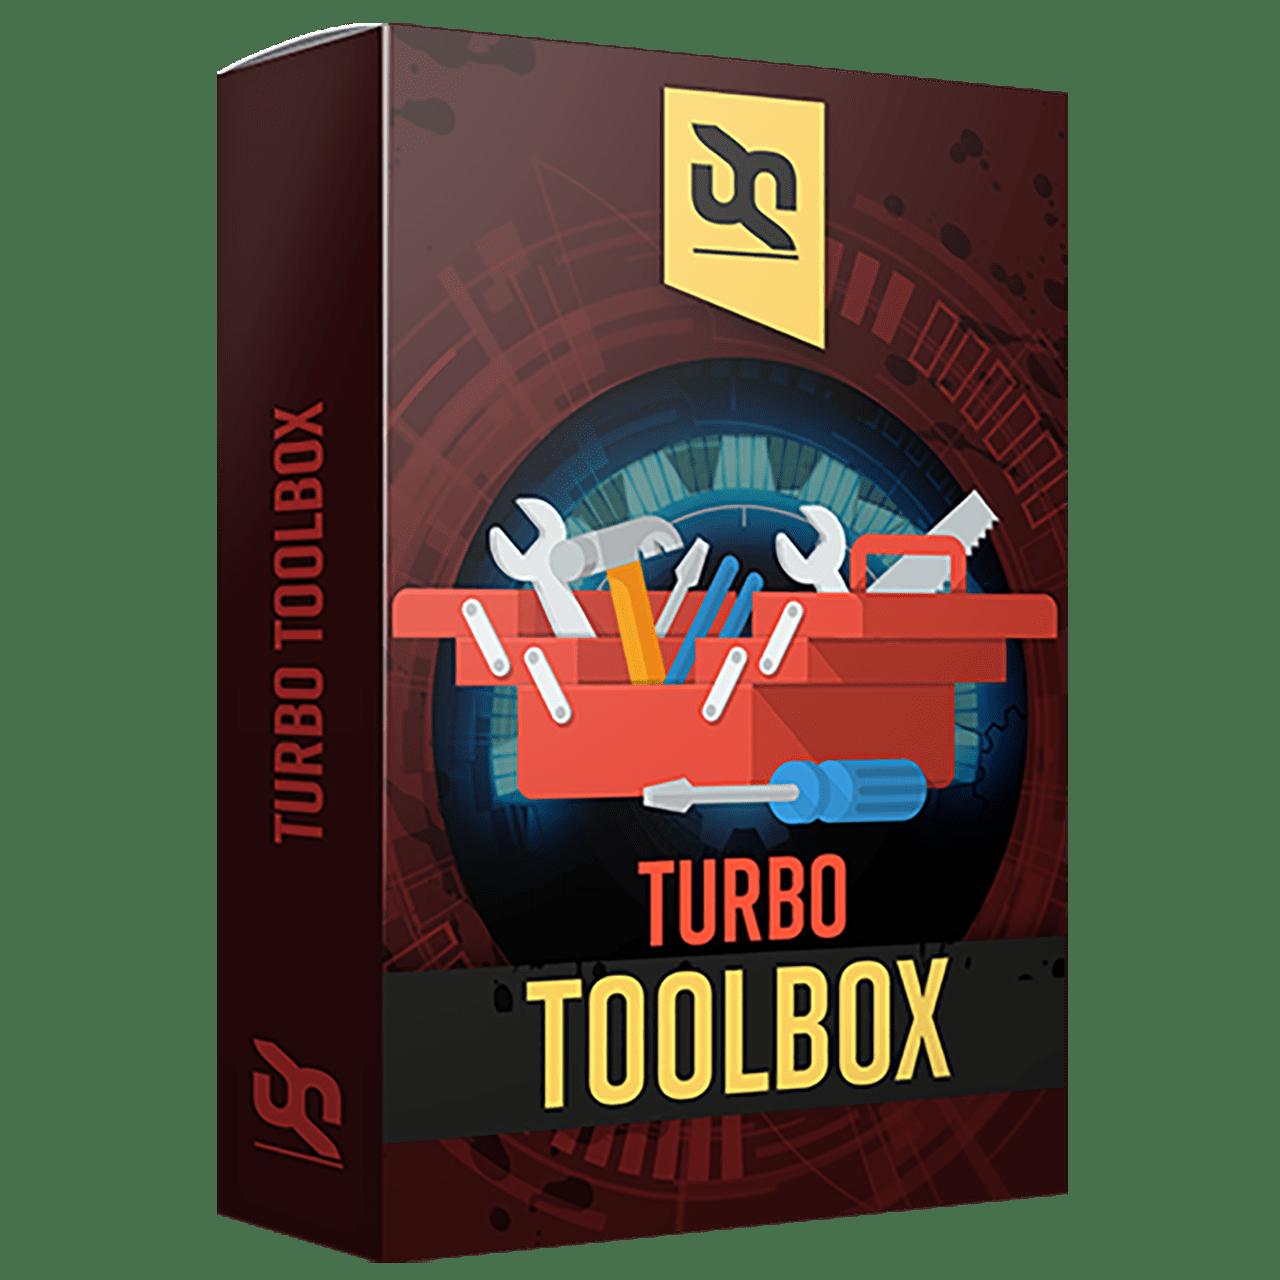 Turbo Toolbox von Said Shiripour (direkt bestellen & Erfahrungen)